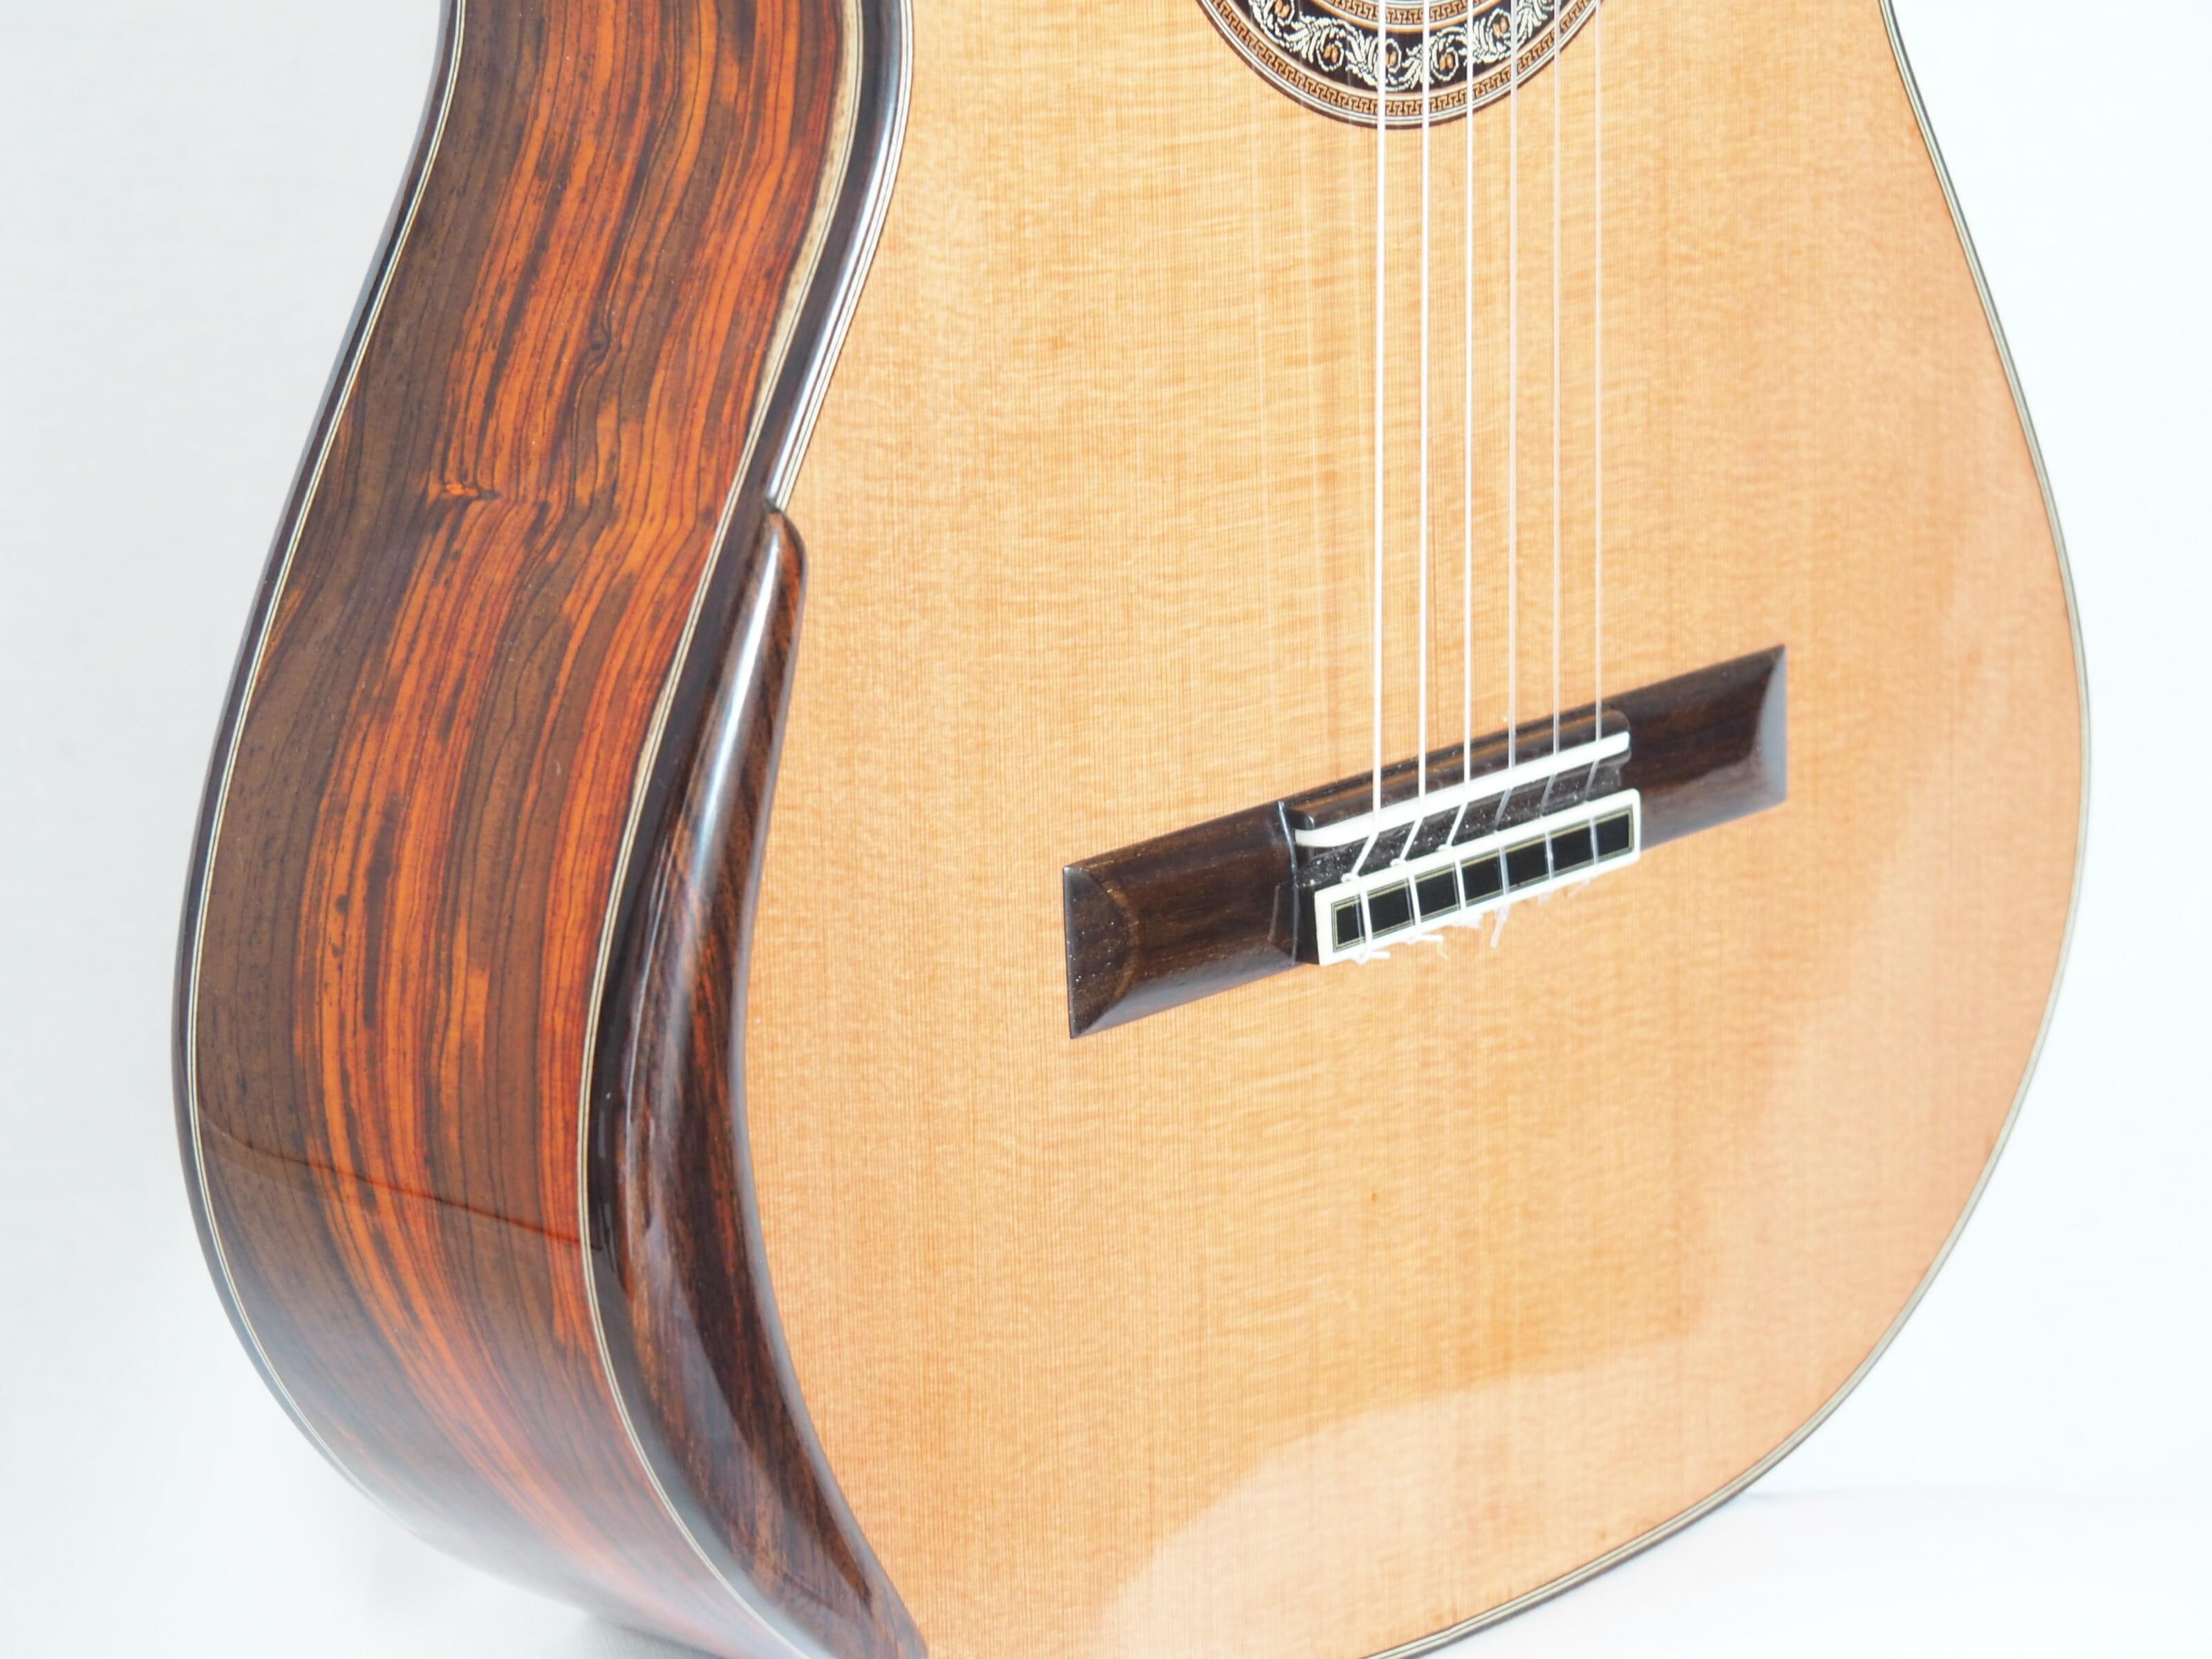 Charalampos Koumridis luthier guitare classique No 19KOU131-04